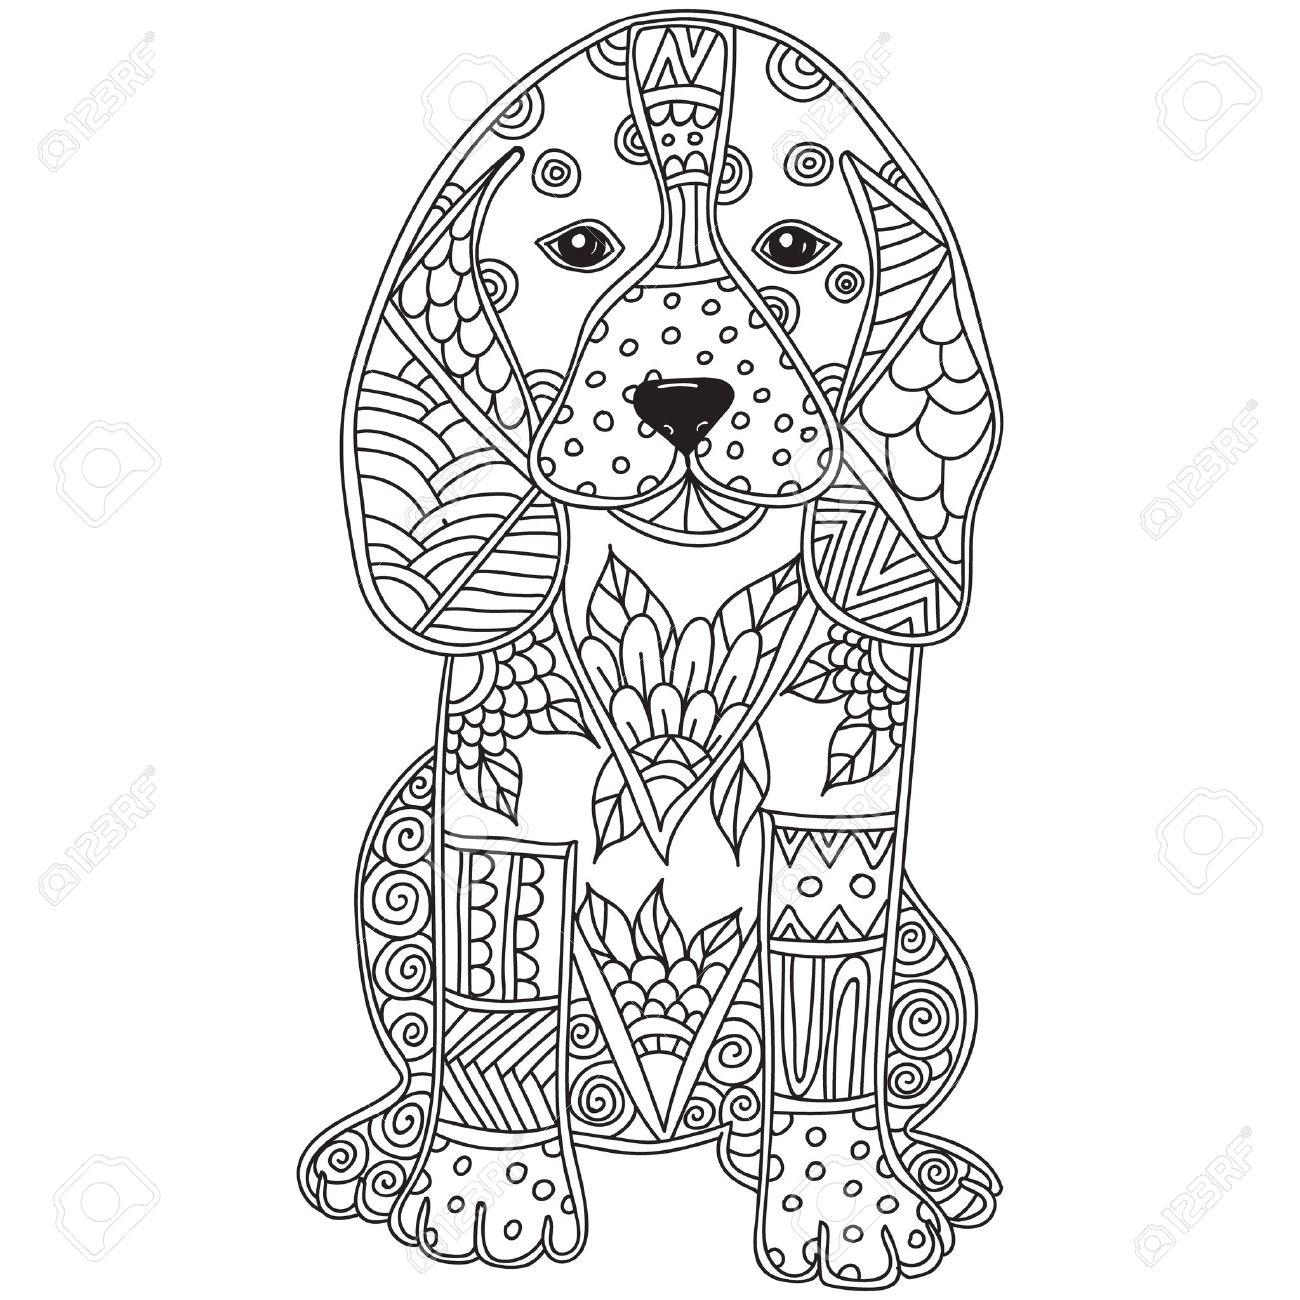 Coloriage Animaux Adulte.Coloriage Chien Adulte Anti Stress Ou Enfants Doodle Animal Dessine